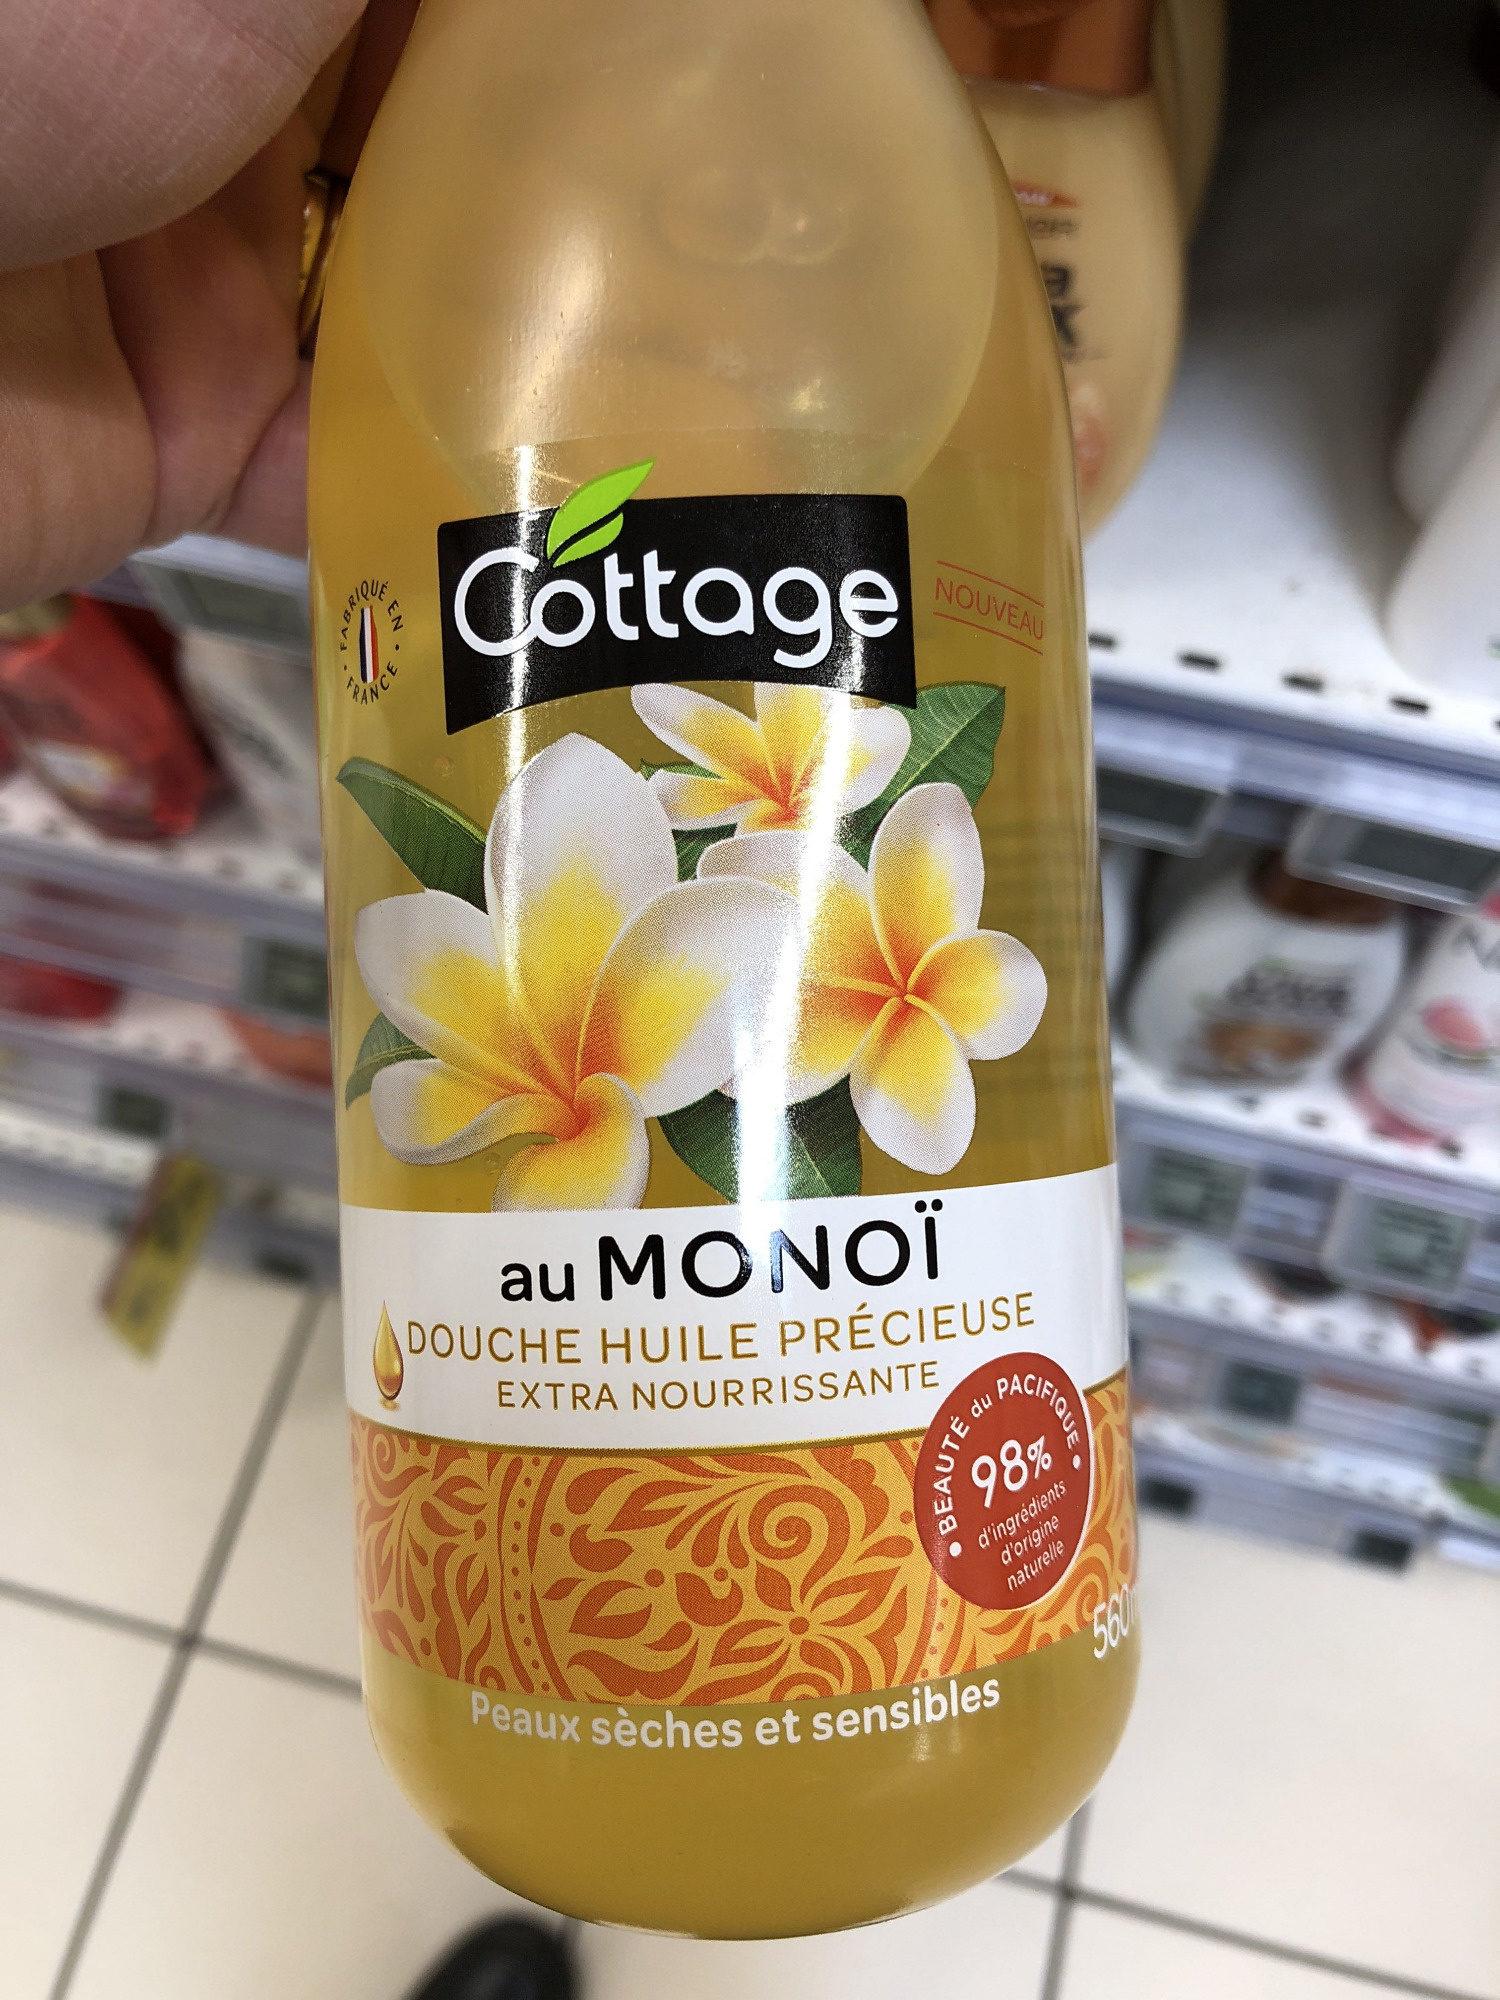 Douche huile précieuse Extra Nourrissante, au Monoï, Peaux sèches et sensibles - Product